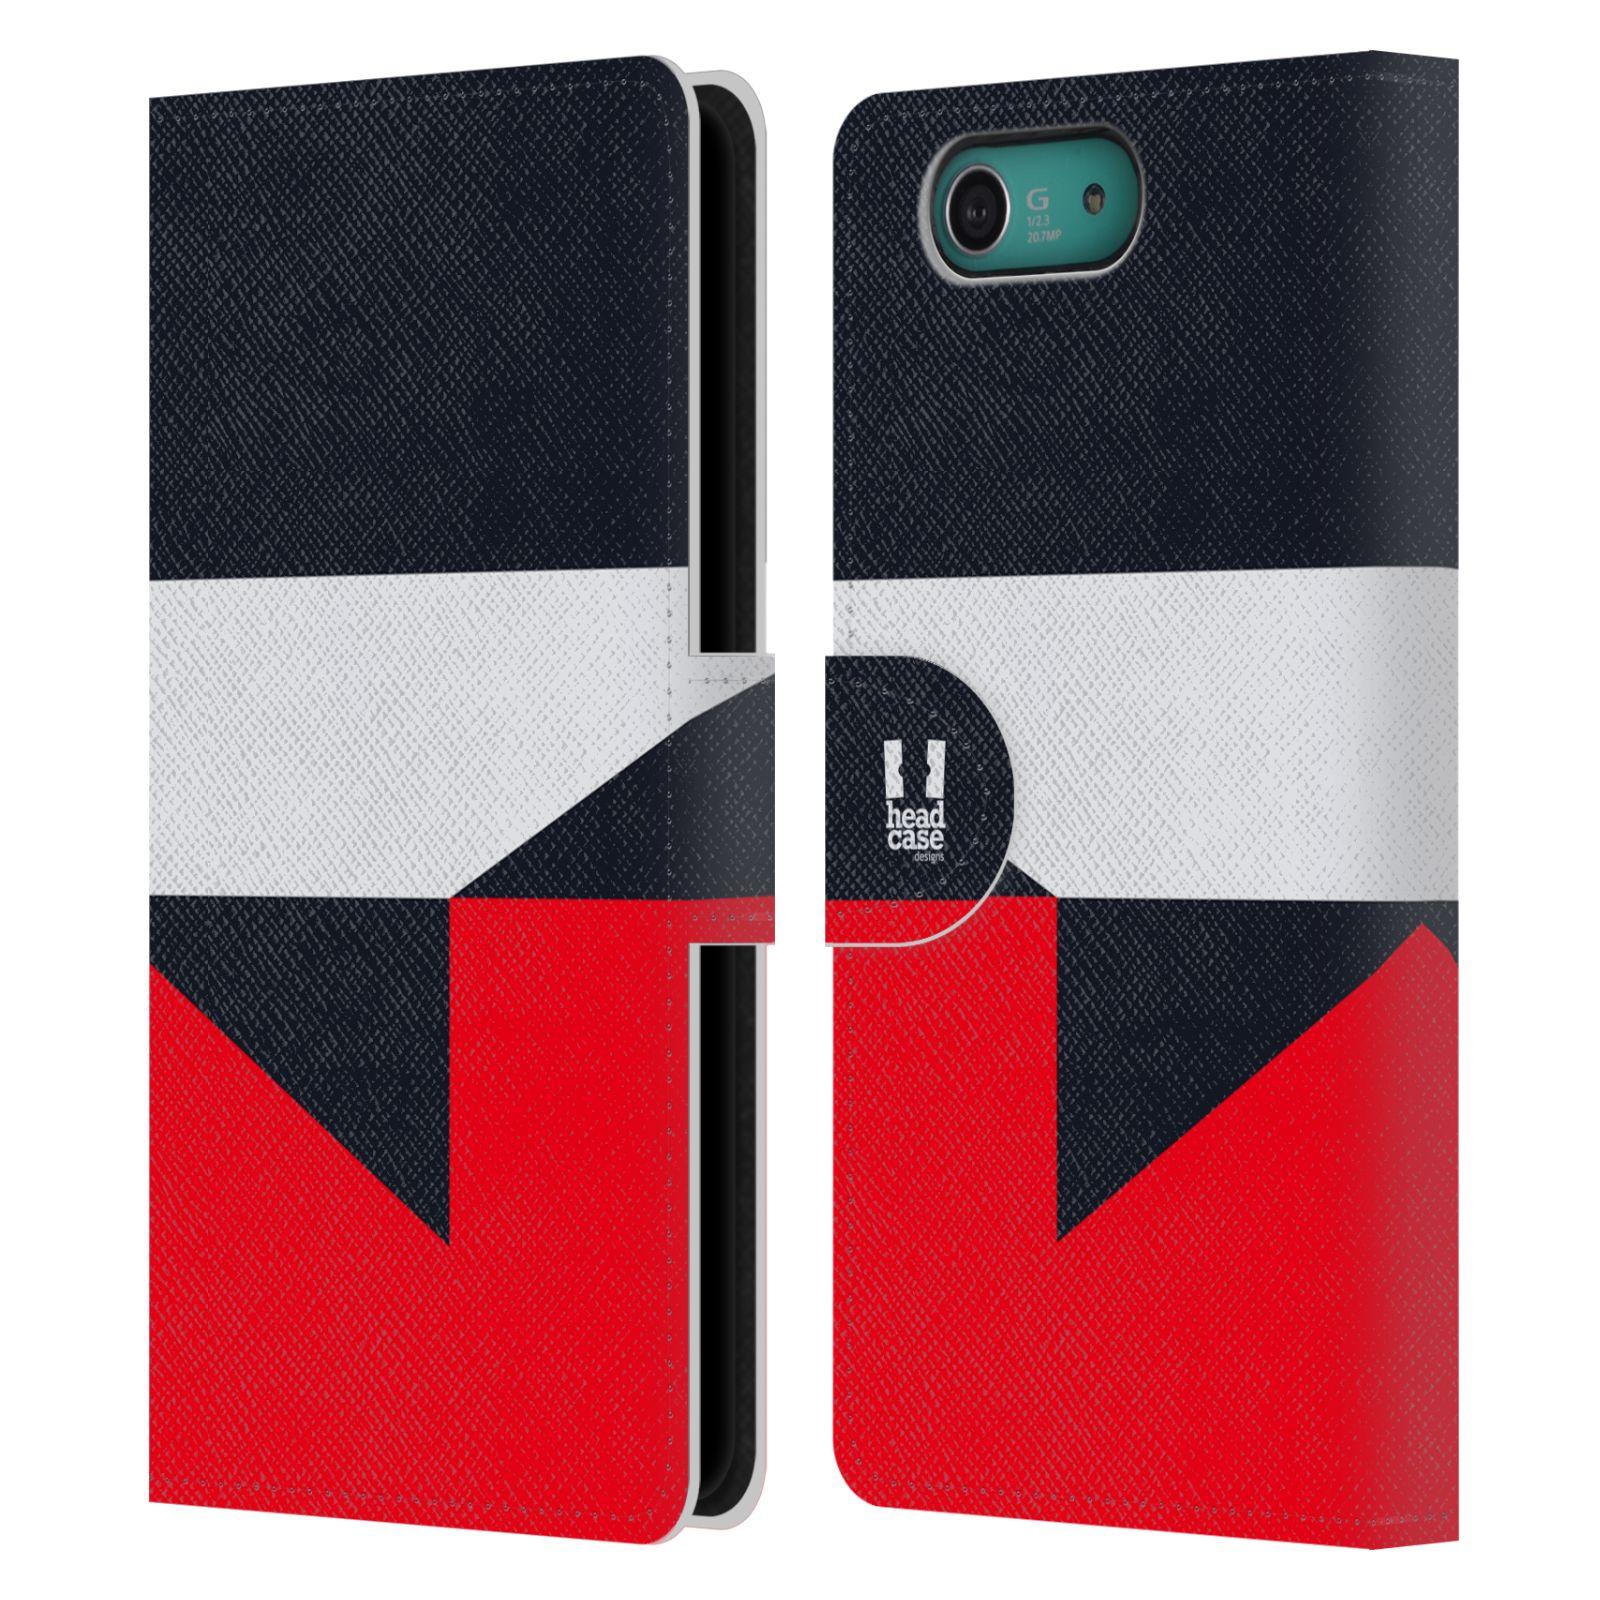 HEAD CASE Flipové pouzdro pro mobil SONY XPERIA Z3 COMPACT barevné tvary černá a červená gejša